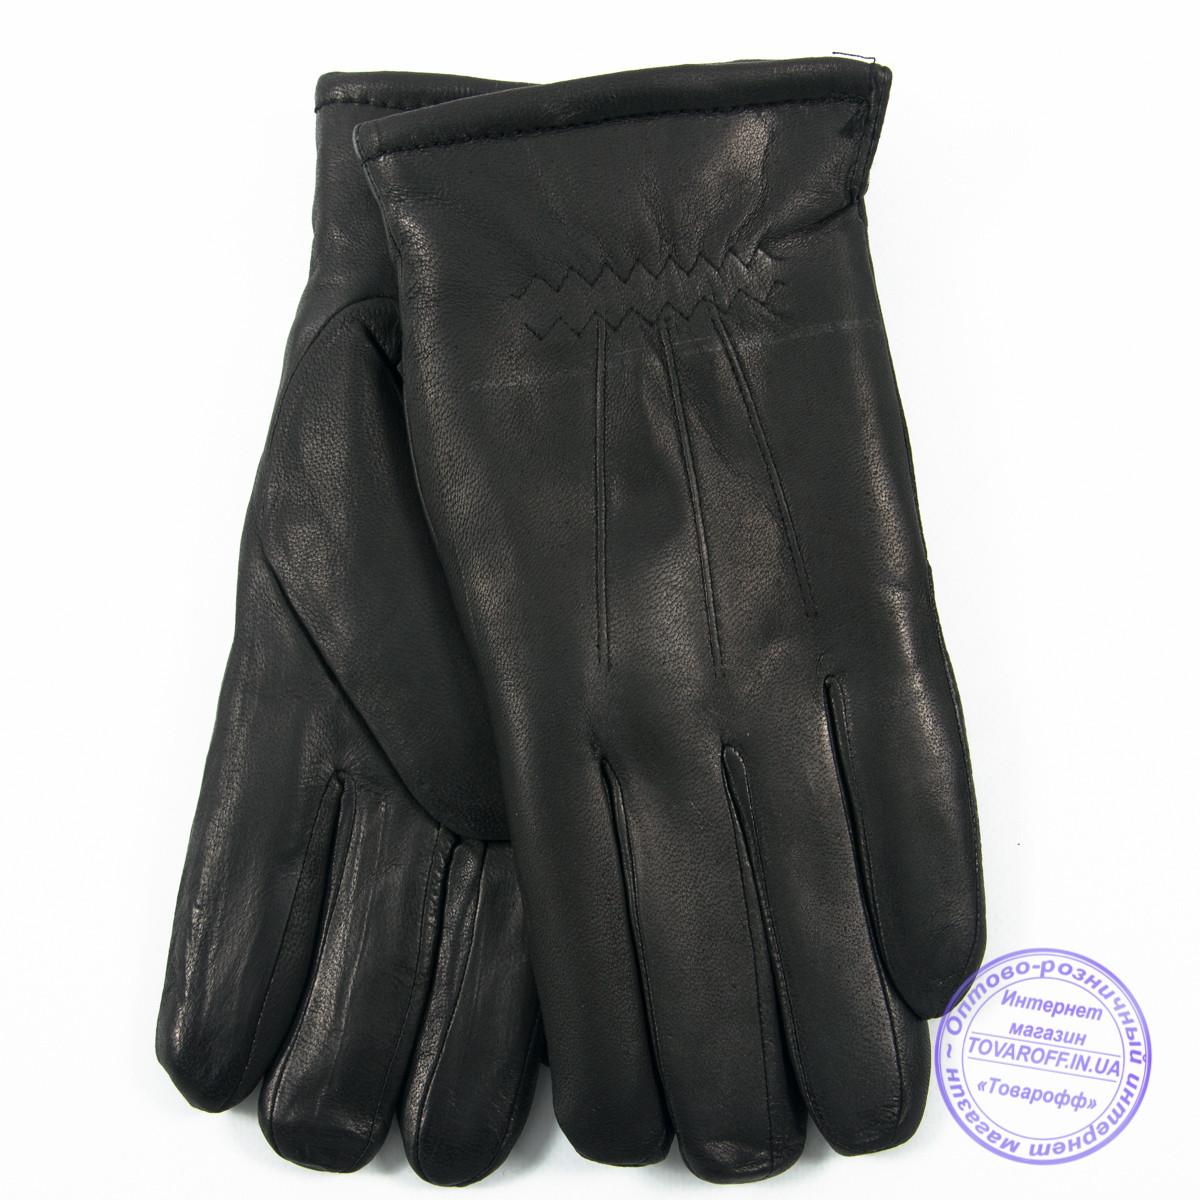 Мужские кожаные (матовая кожа) перчатки зимние на сером шерстяном меху - №M30-4